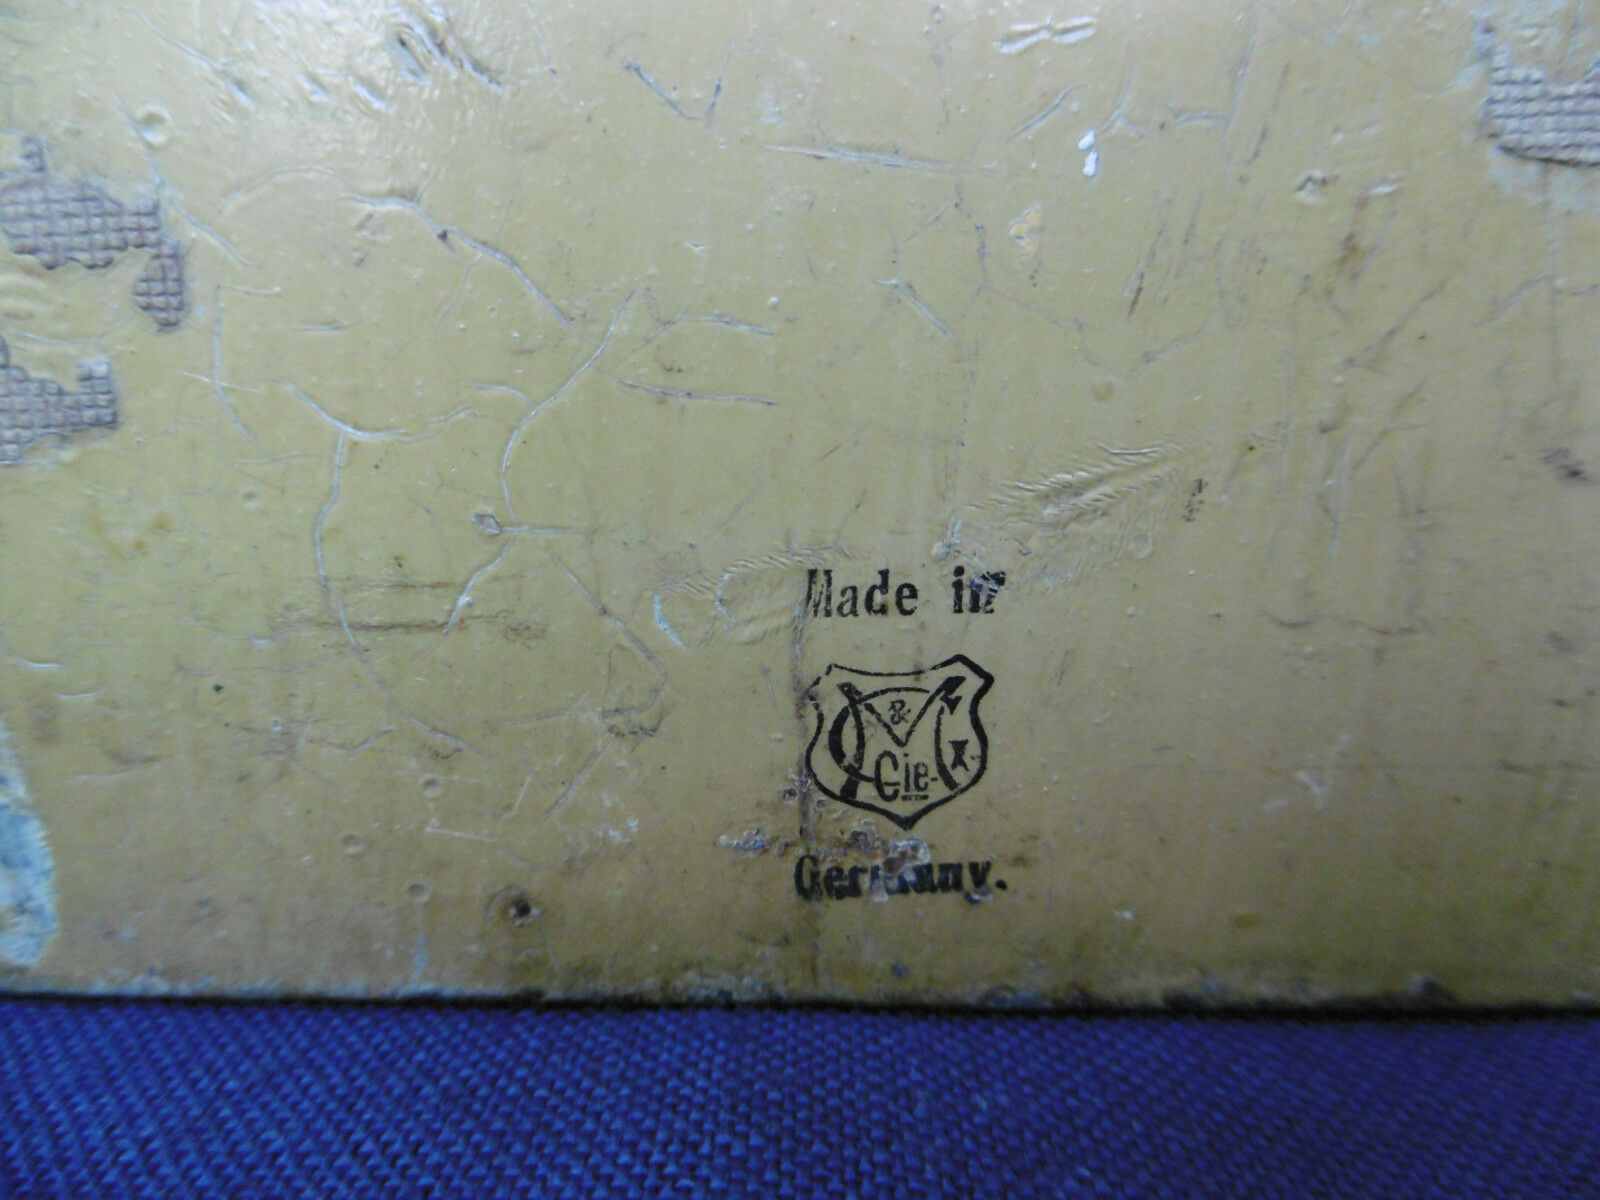 TRES RARE JOUET ANCIEN - LAVABO LAVABO LAVABO EN PORCELAINE MIROIR BIZEAUTE TOLE FAB ALLEMANDE fd17a5